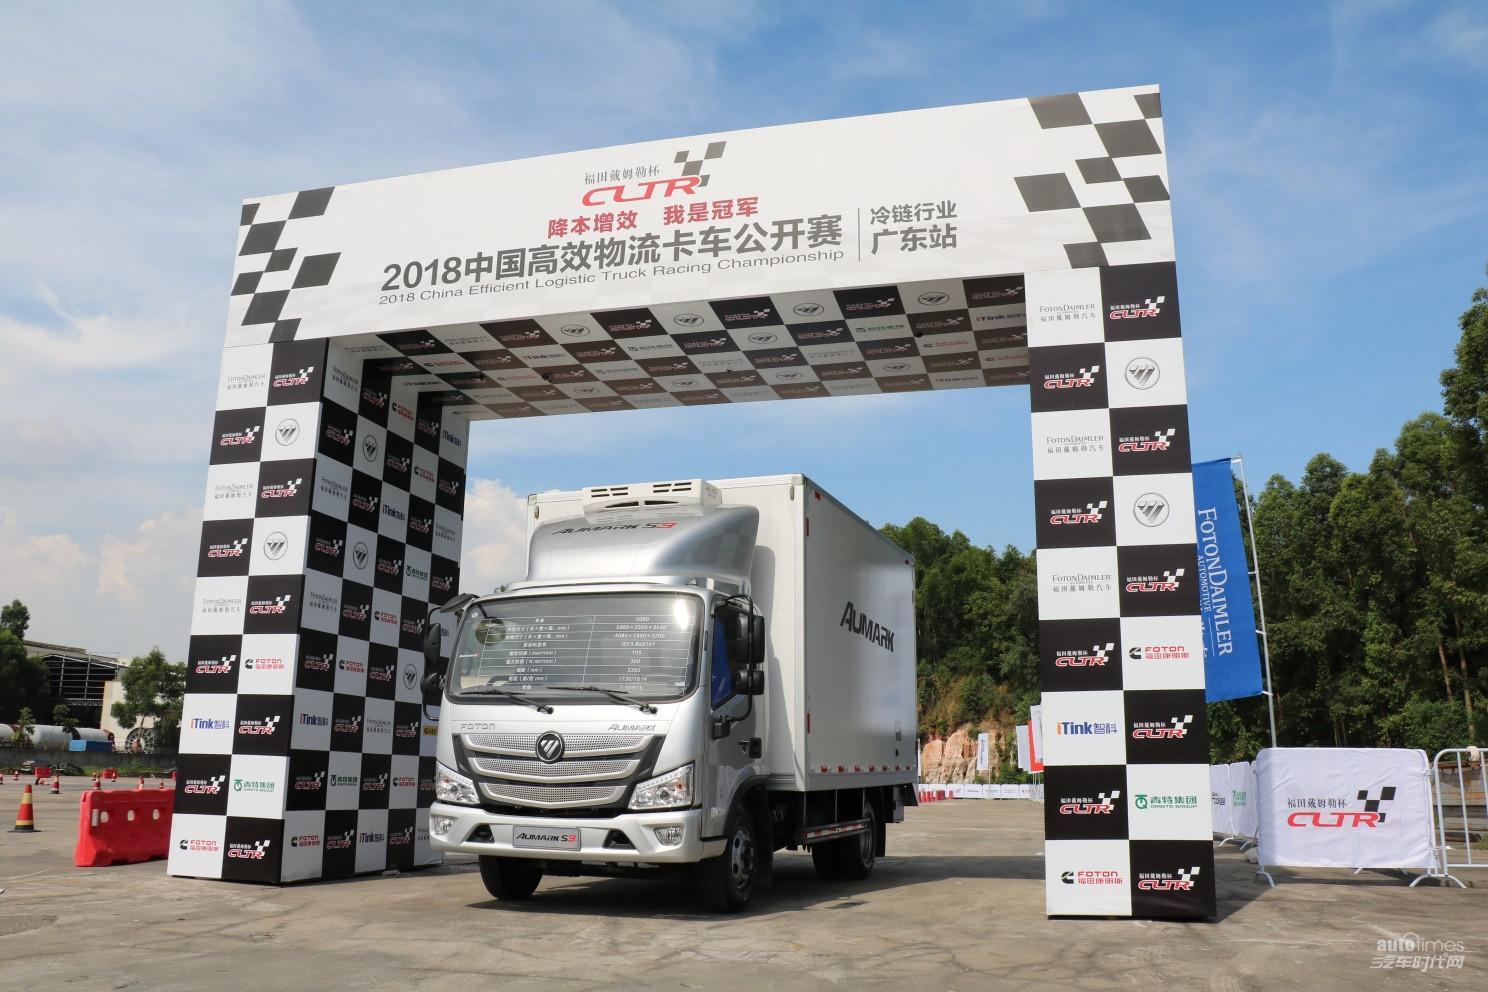 冷链运输专家——欧马可S3冷藏车闪耀卡赛广州站 助力冷链运输高质量发展